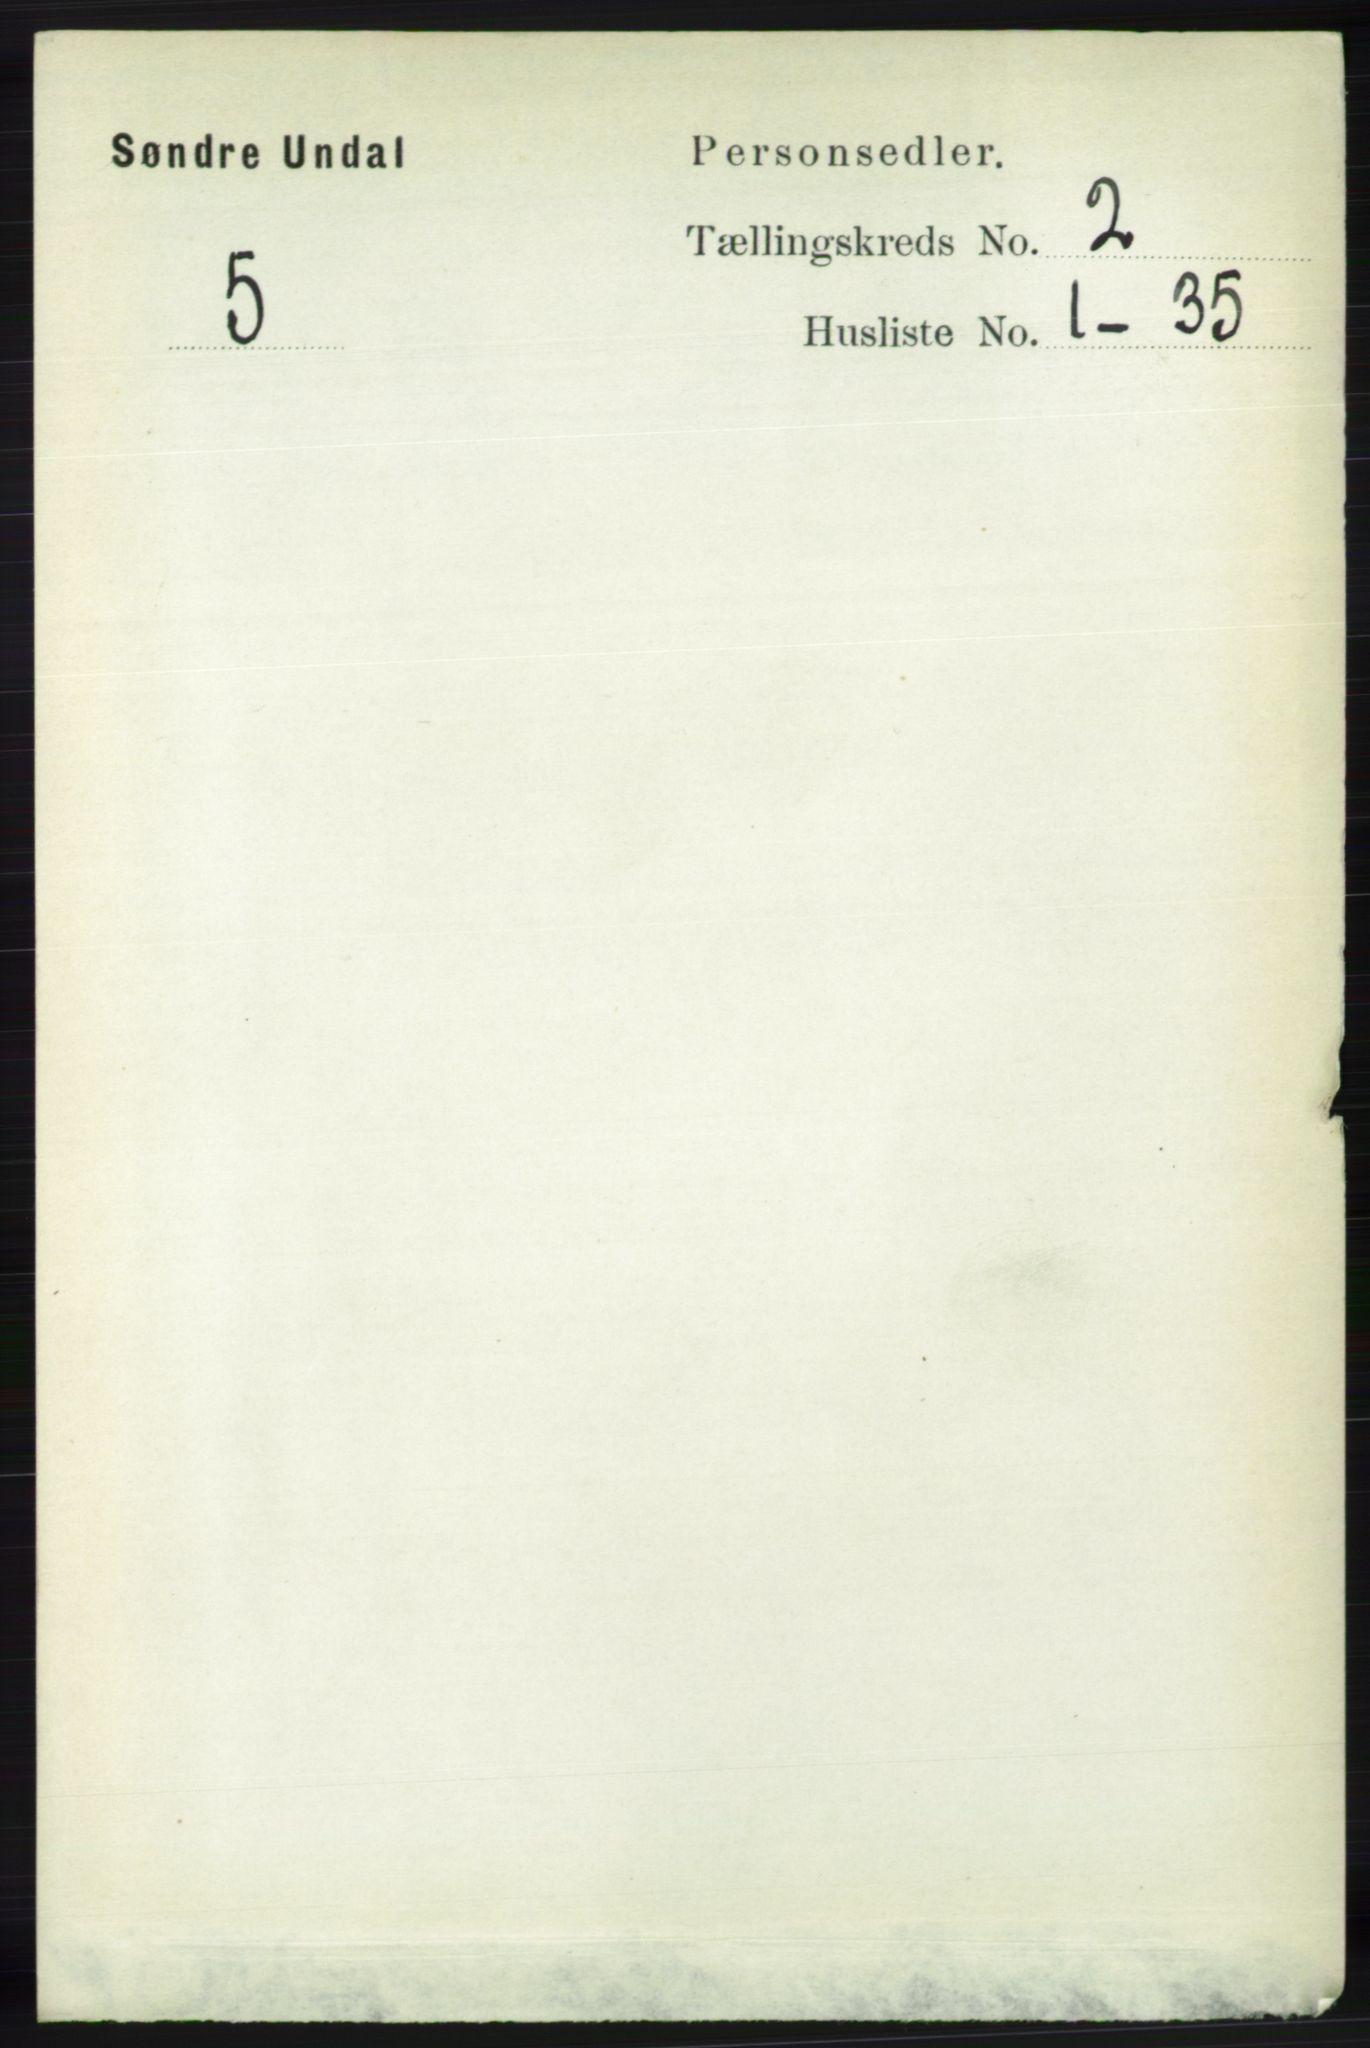 RA, Folketelling 1891 for 1029 Sør-Audnedal herred, 1891, s. 406